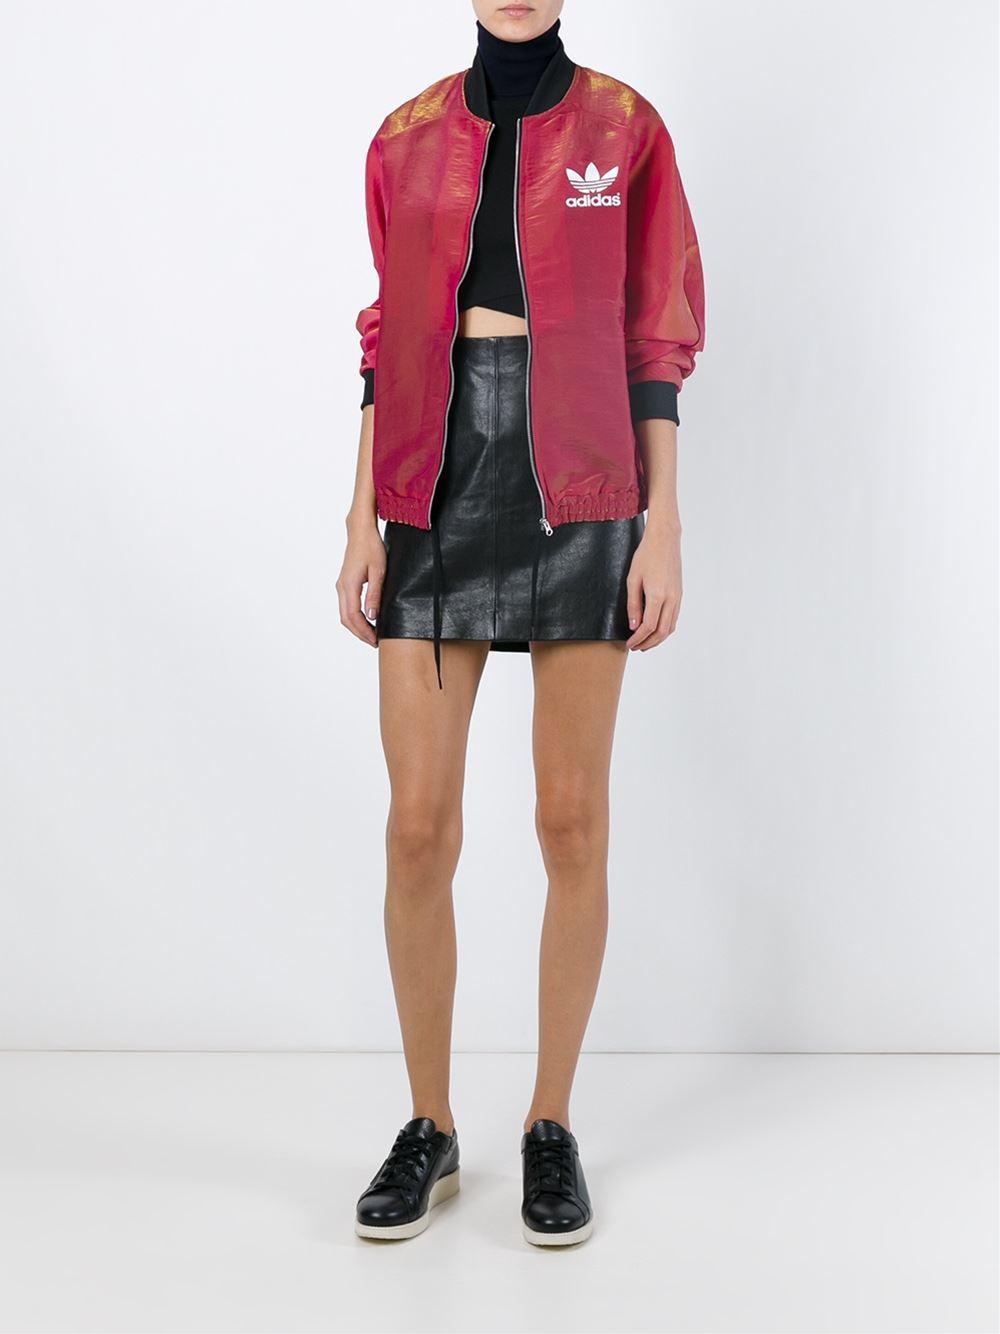 Buy adidas bomber jacket